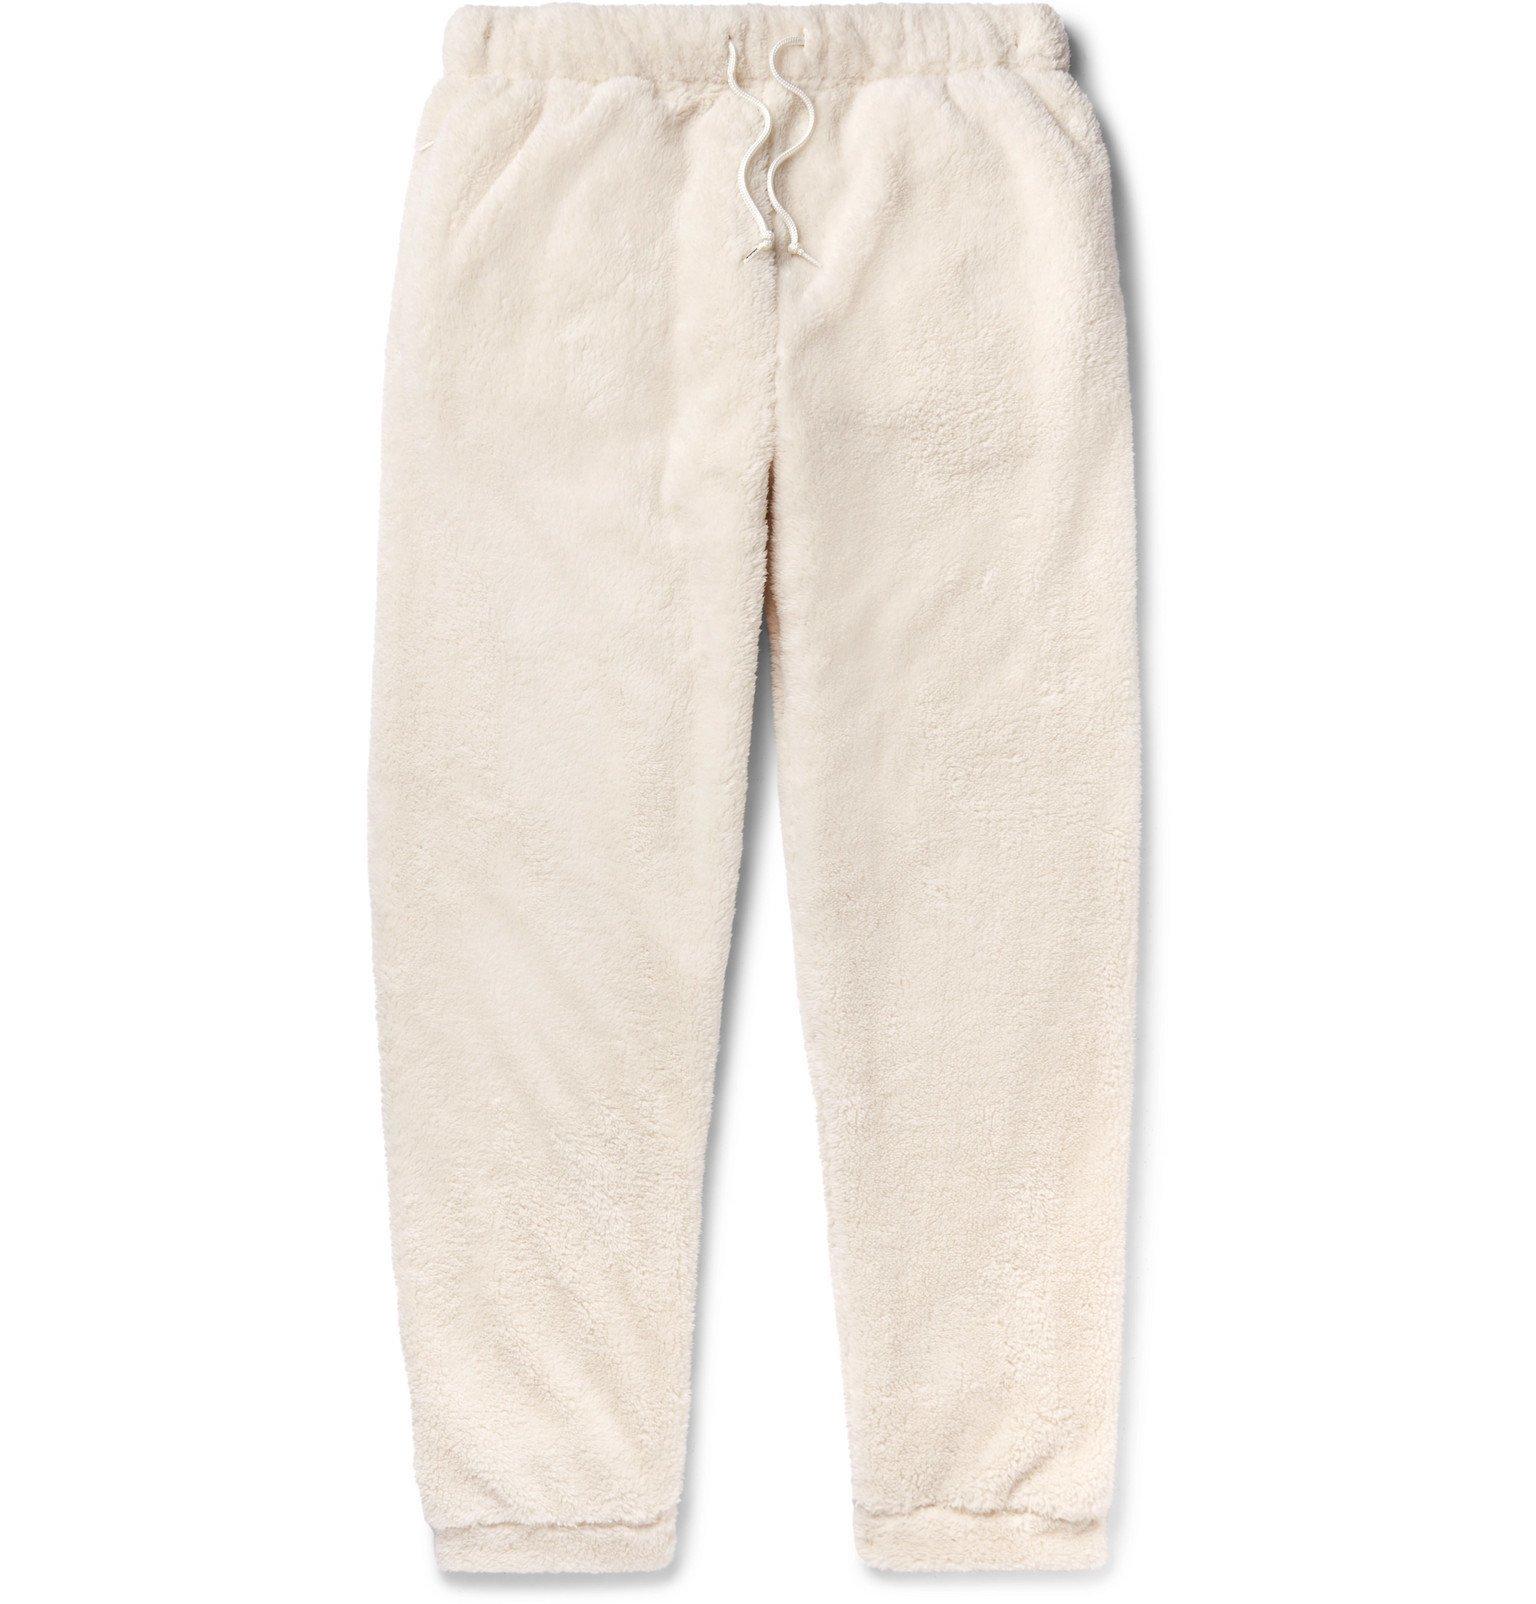 Photo: Neighborhood - Polartec Fleece Sweatpants - White